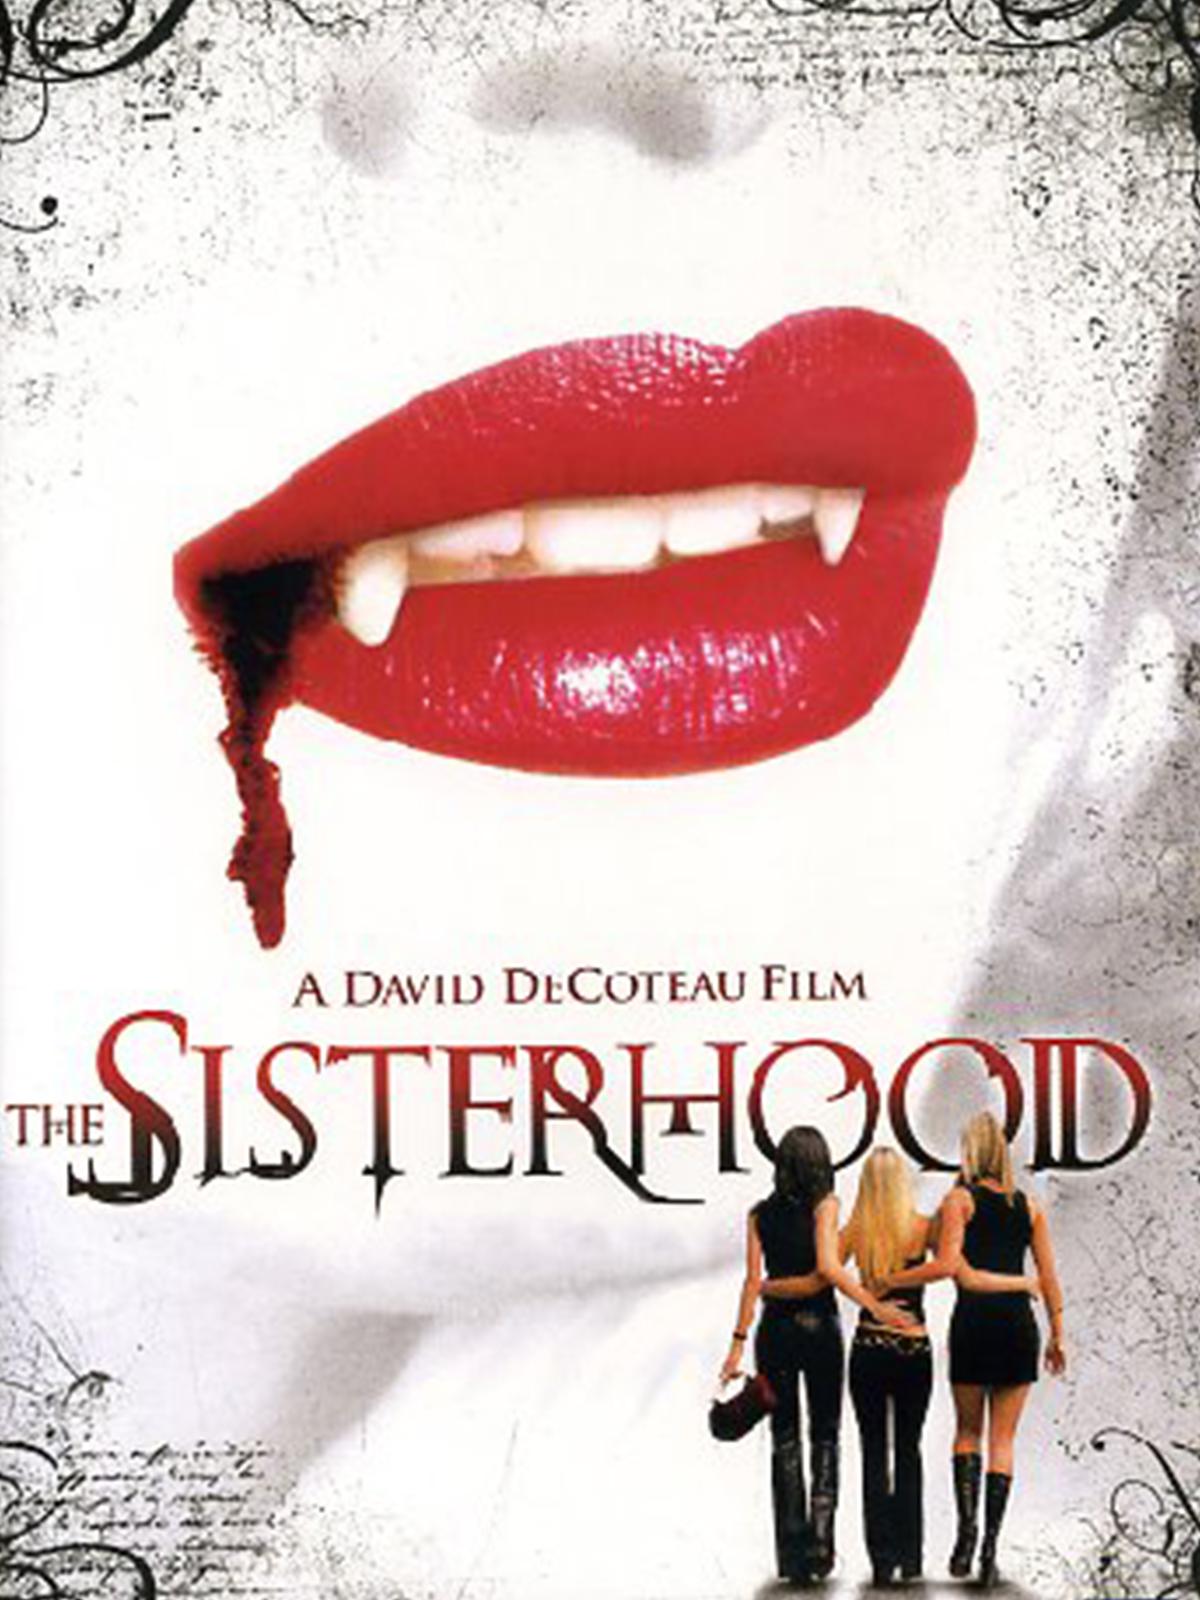 Here-Sisterhood-Full-Image-en-US.jpg